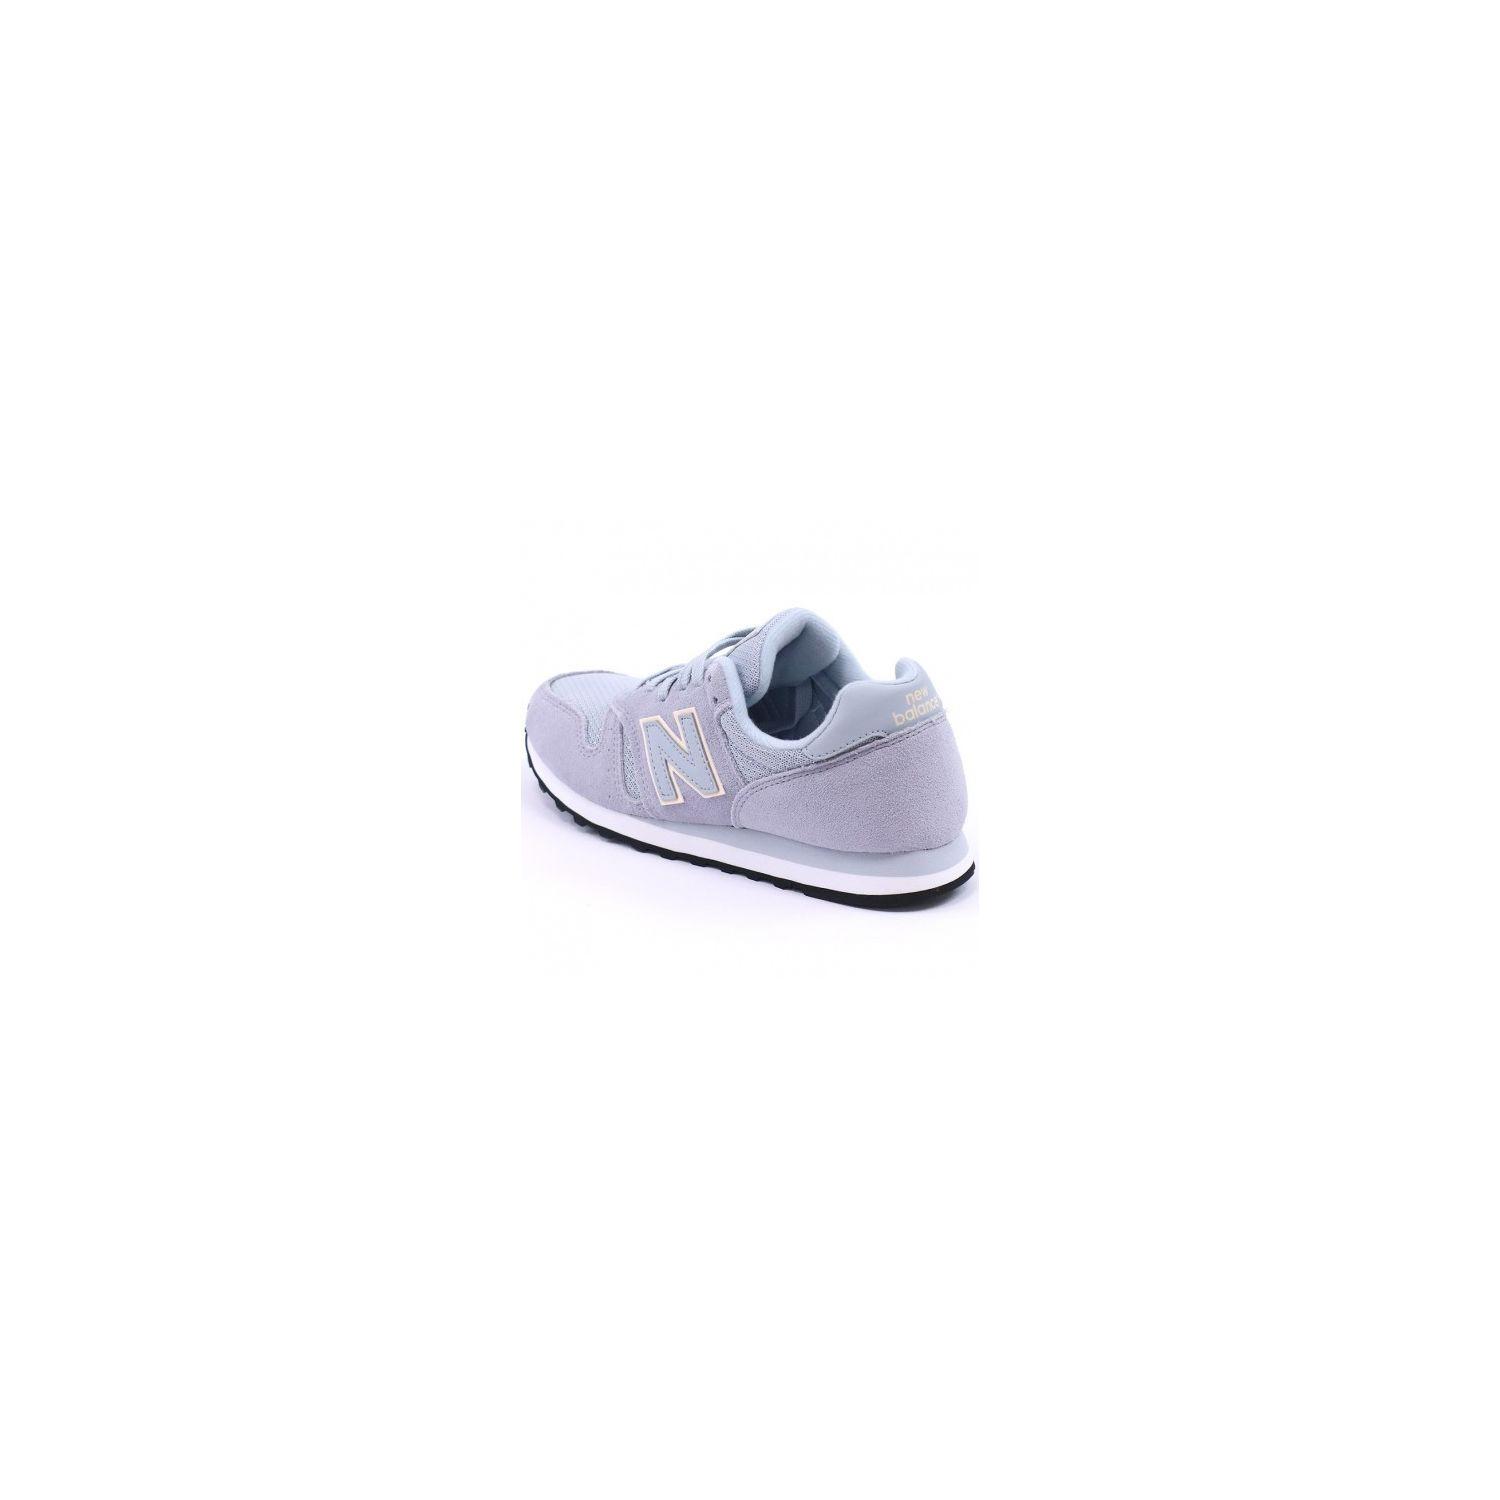 Balance New Gris Chaussures Femme Achat WL373 cher Soldes pas 5qz6xBfwB 6915f76325bc